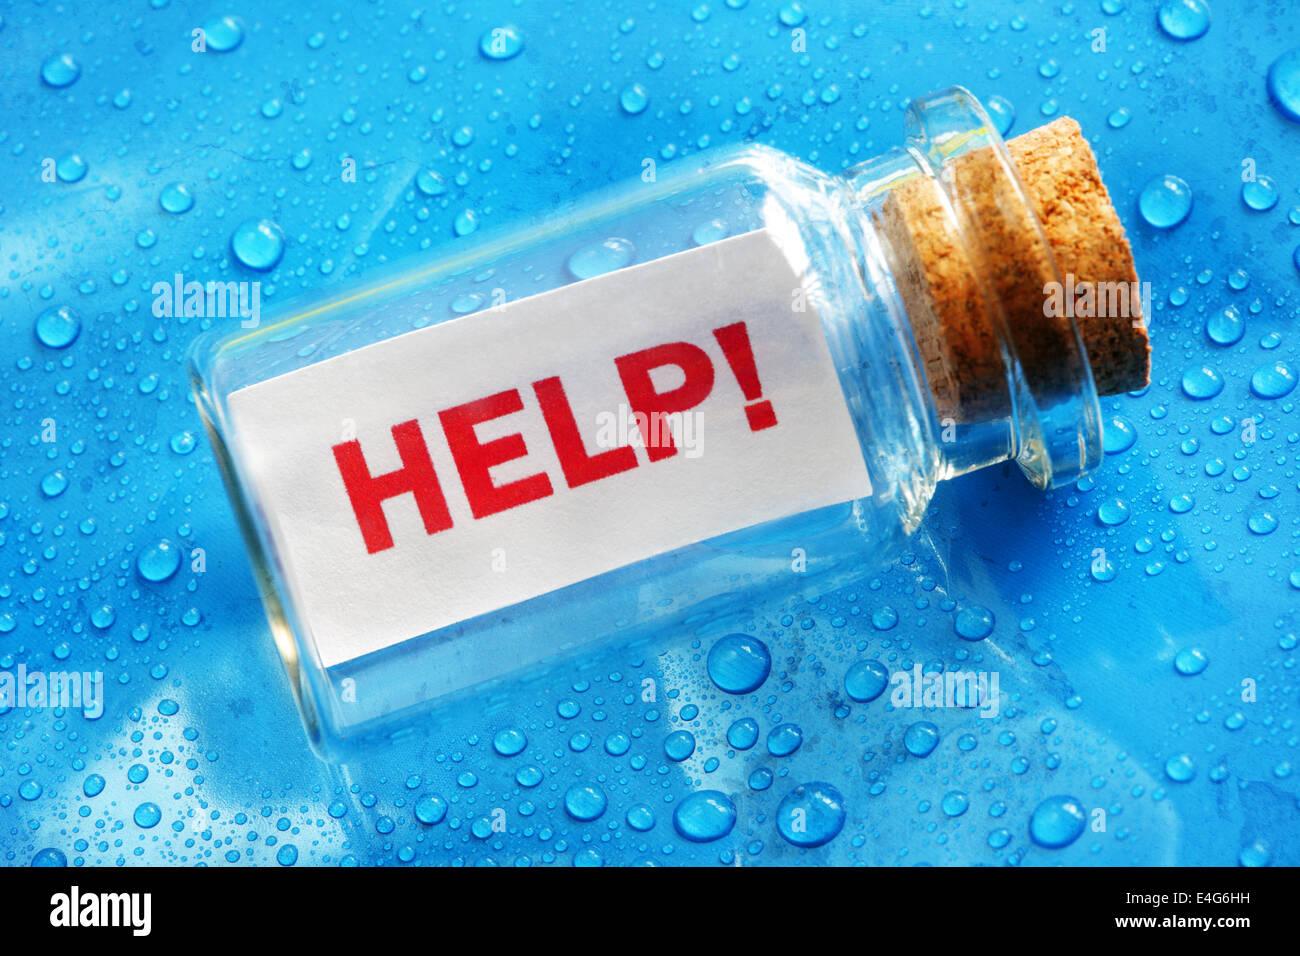 Aide message dans une bouteille Photo Stock